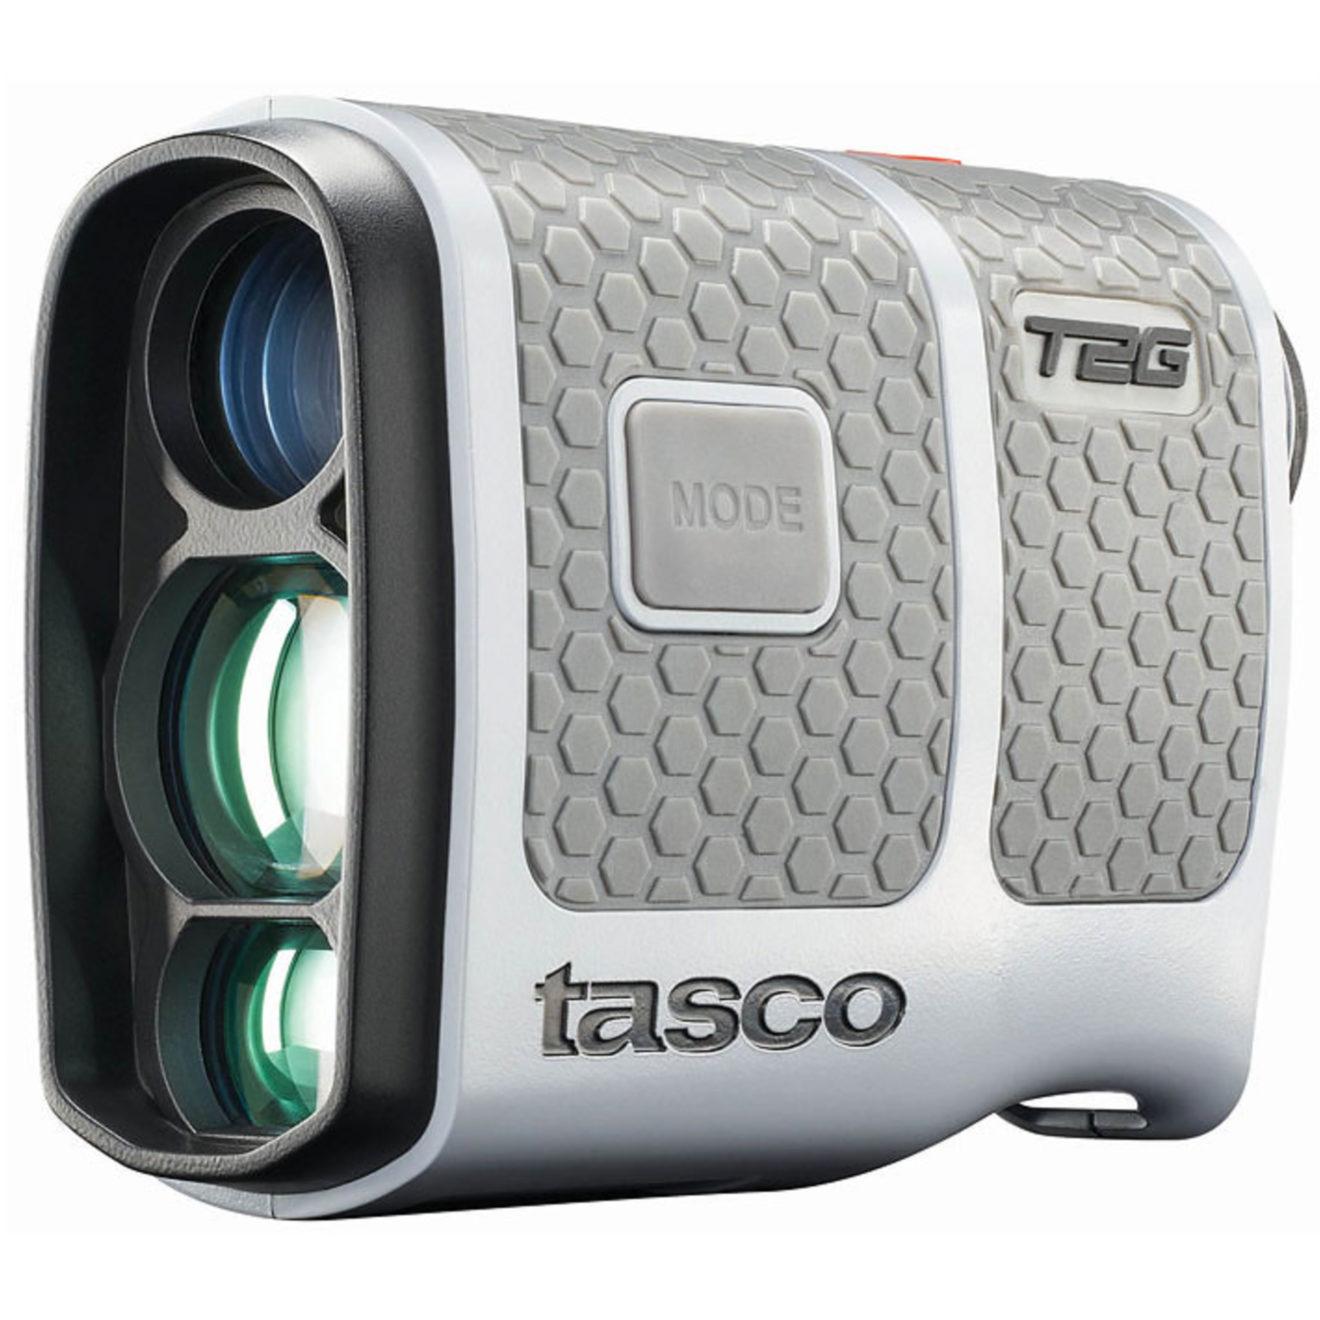 telemetre-tasco-T2G-1